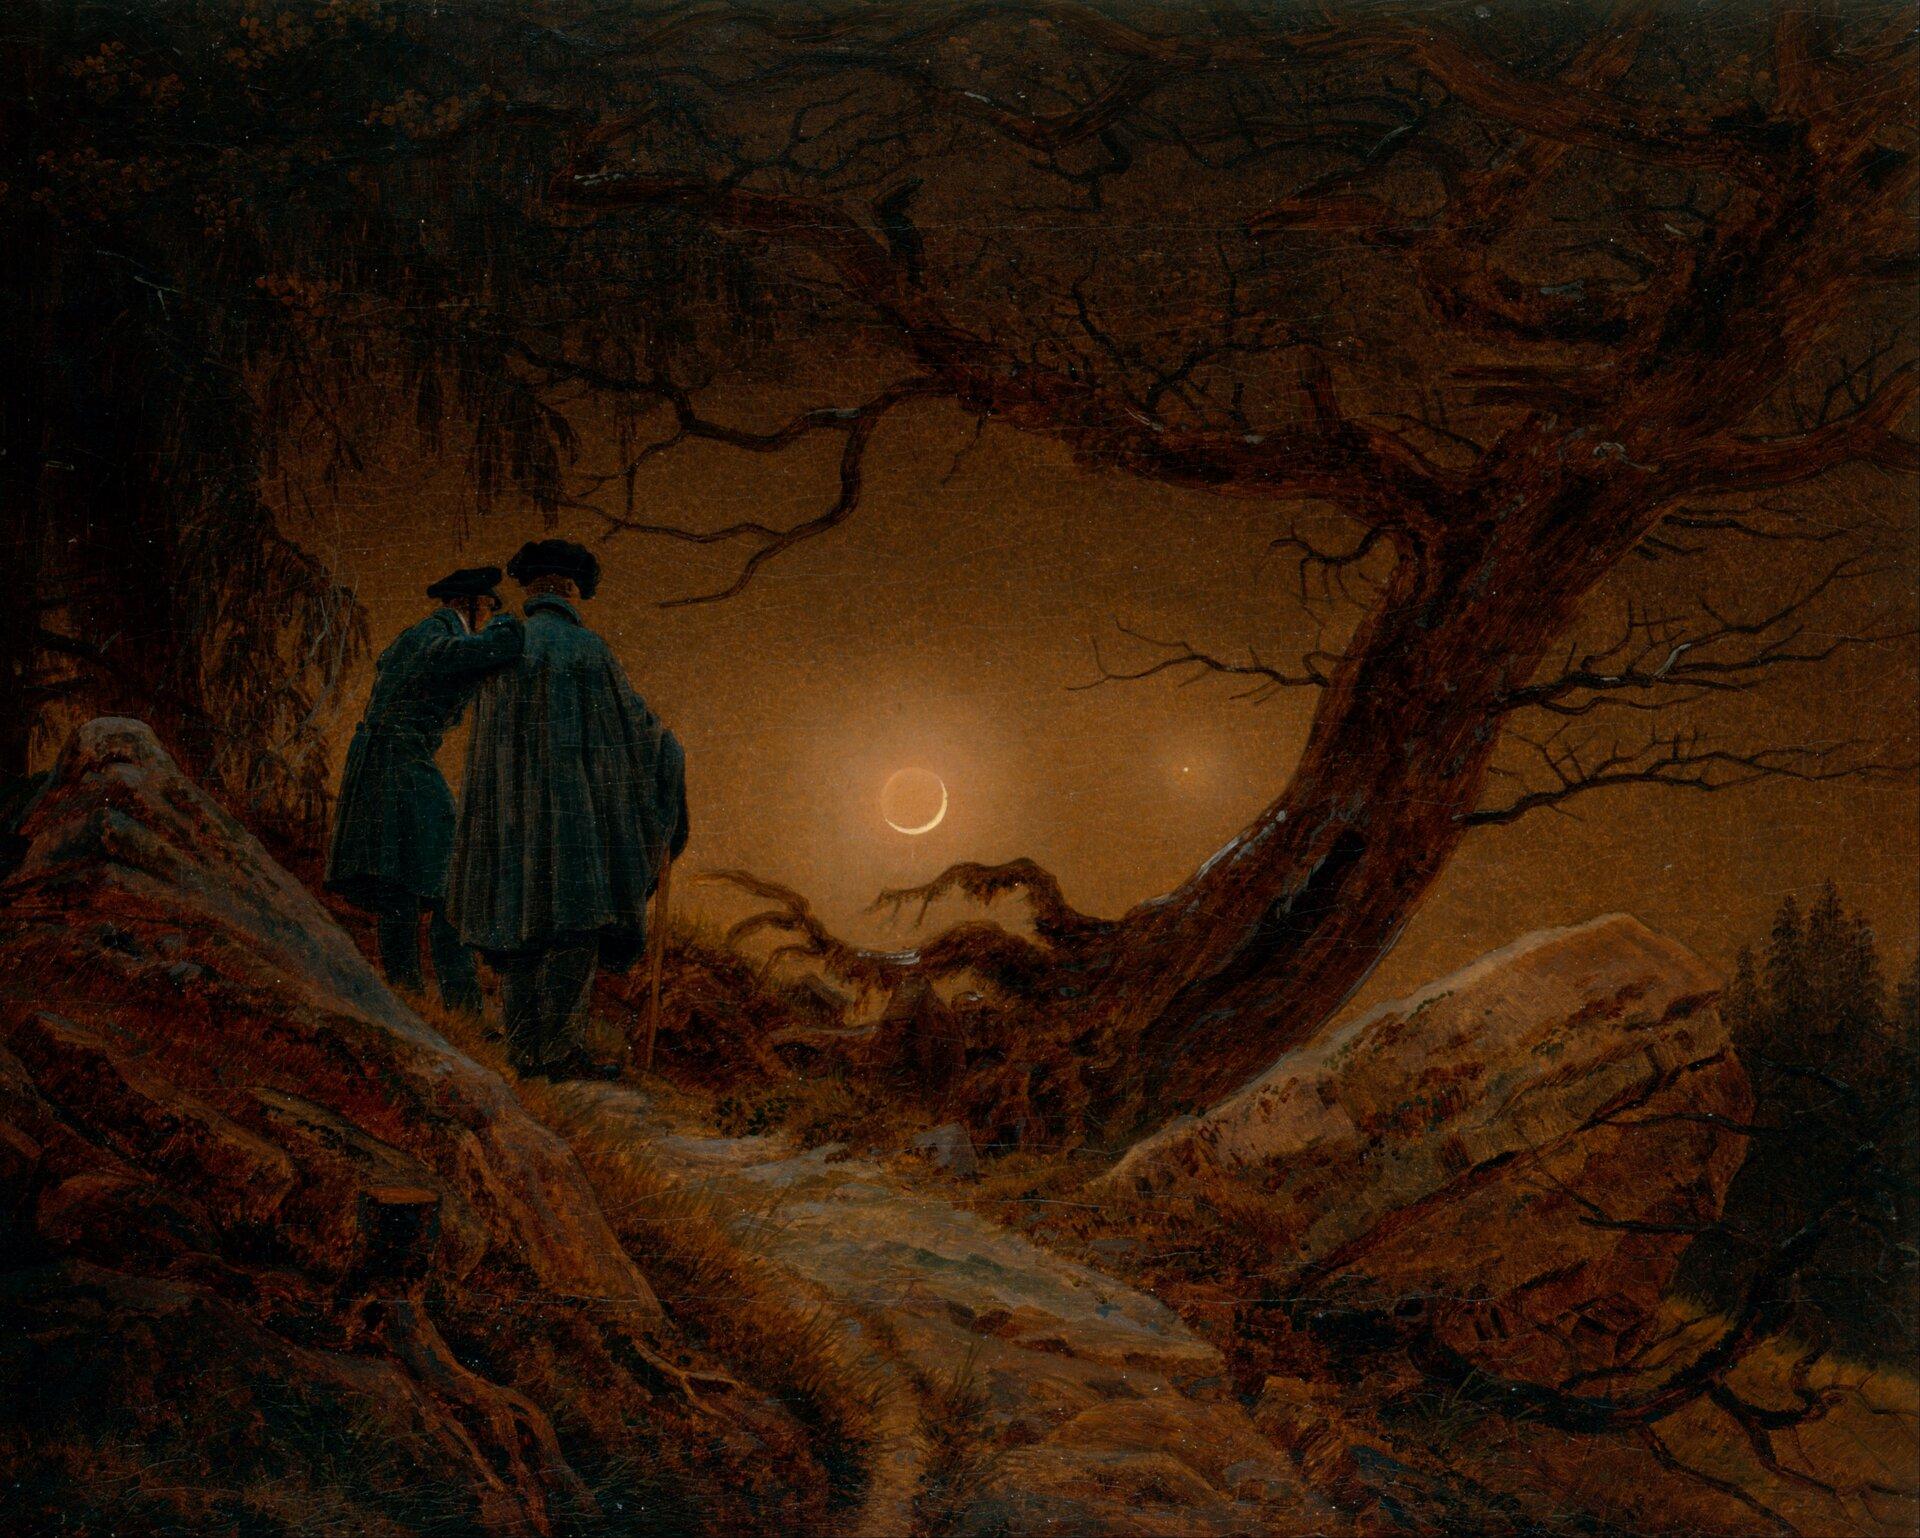 Dwaj mężczyźni obserwujący księżyc Źródło: Caspar David Friedrich, Dwaj mężczyźni obserwujący księżyc, 1819, domena publiczna.